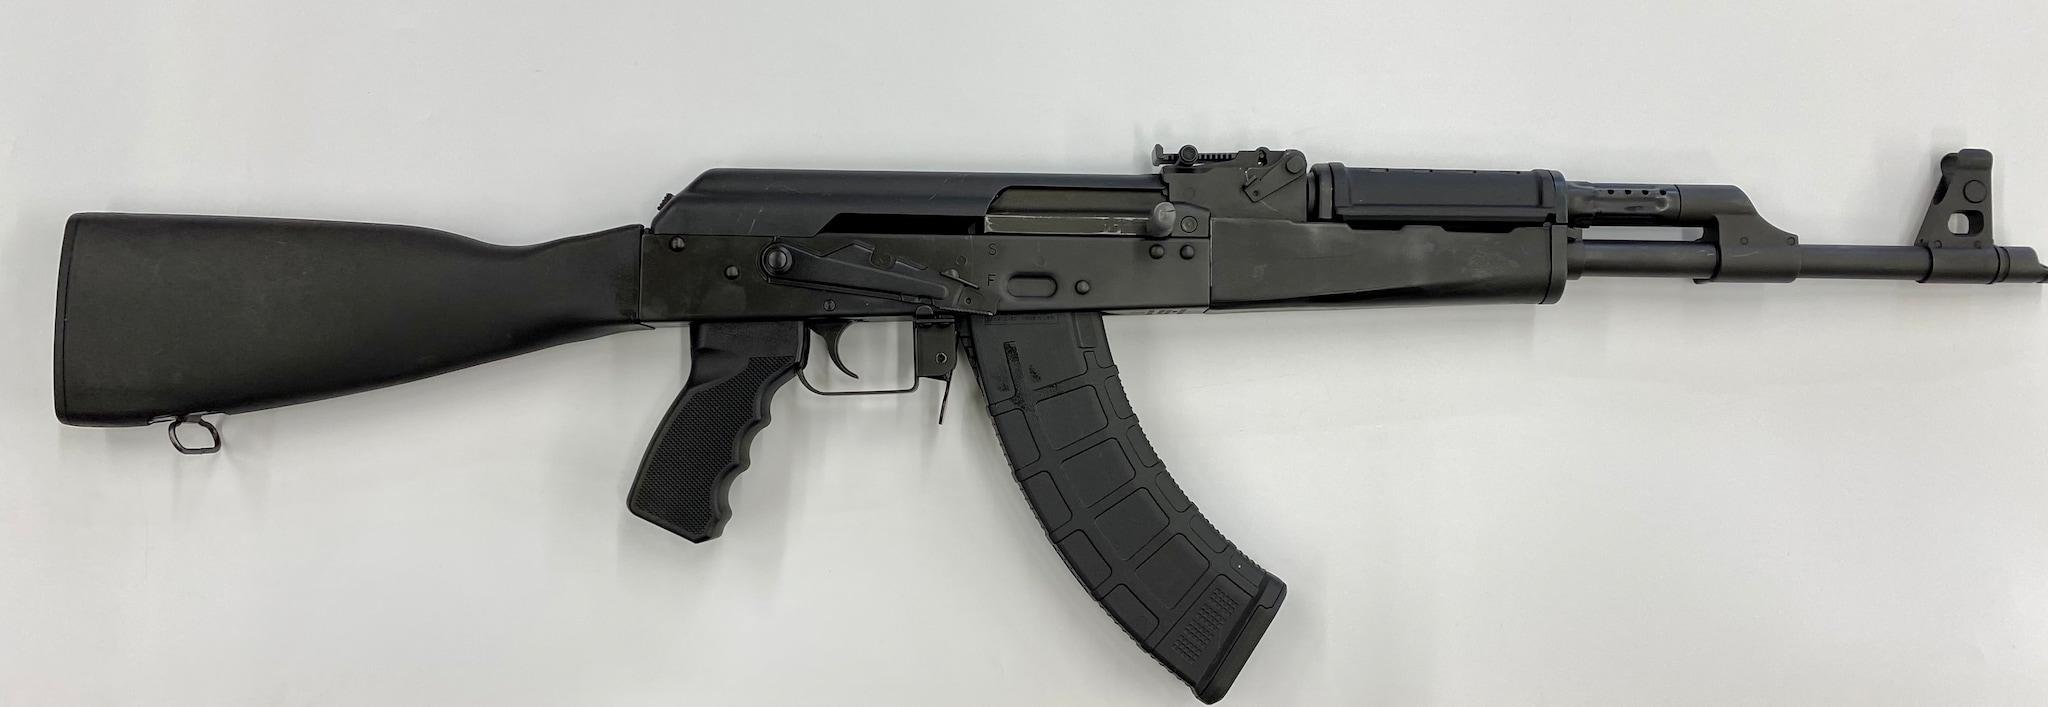 CENTURY ARMS RAS 47